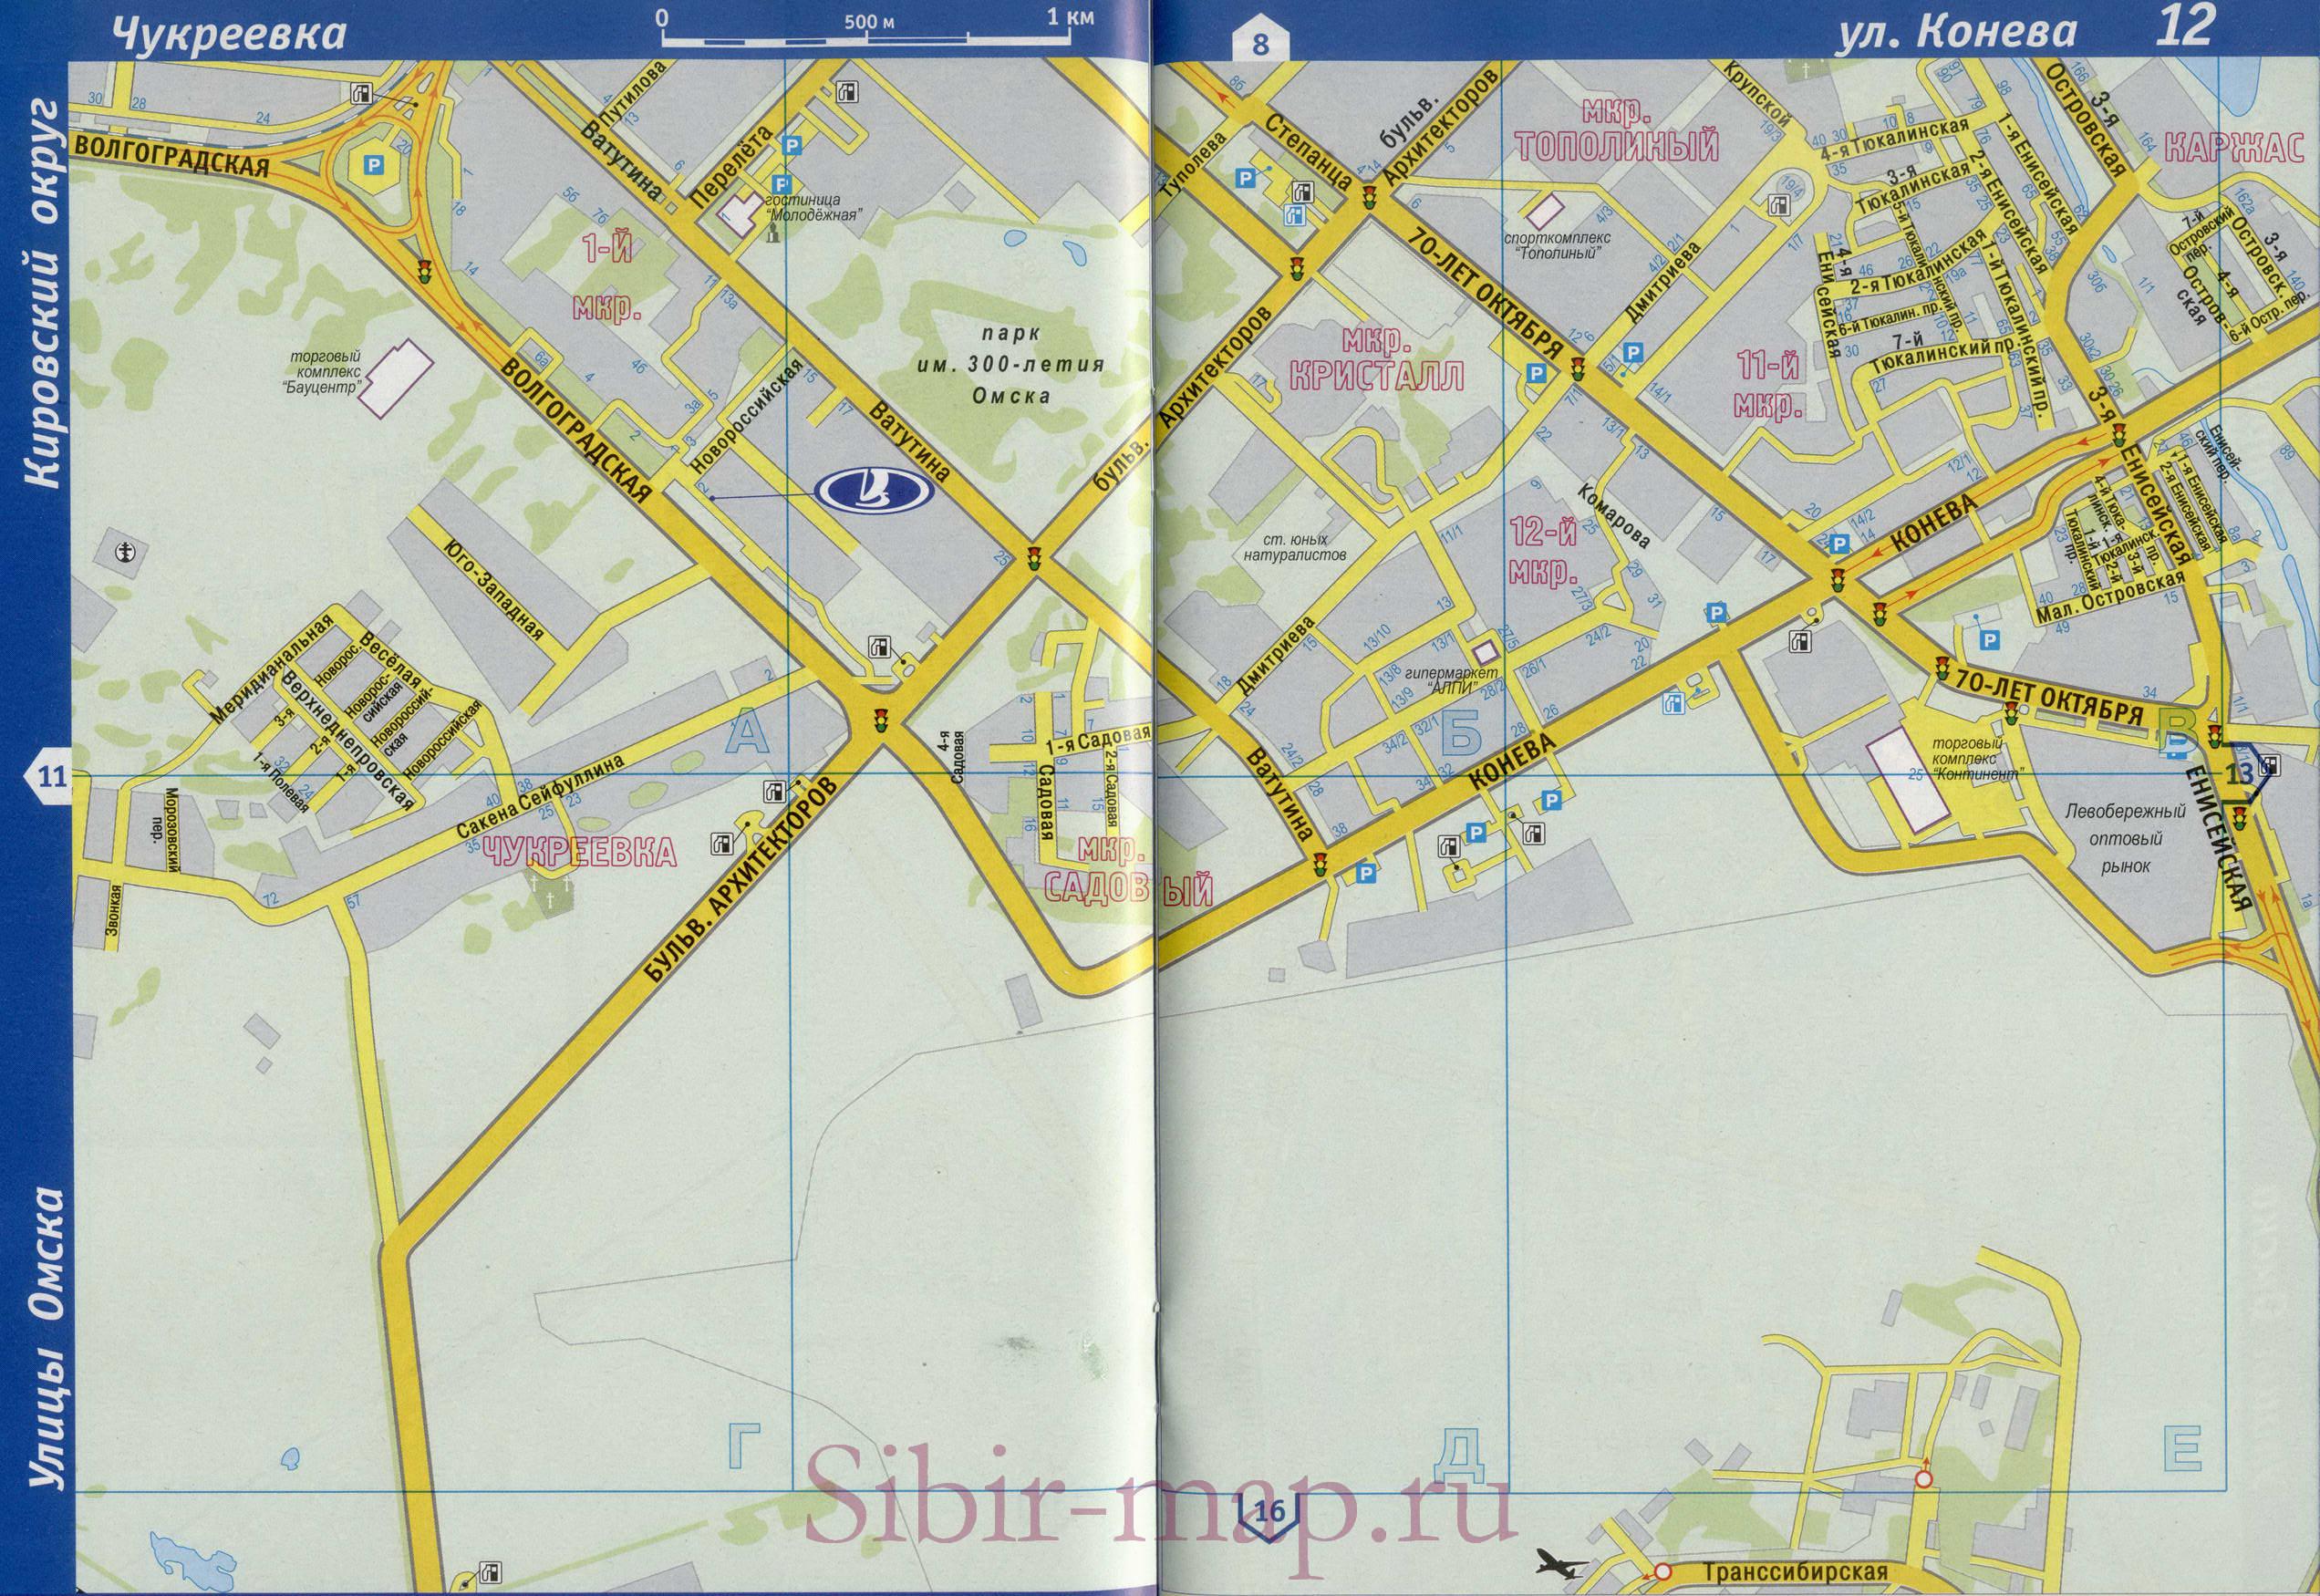 Карта окрестностей города выкса